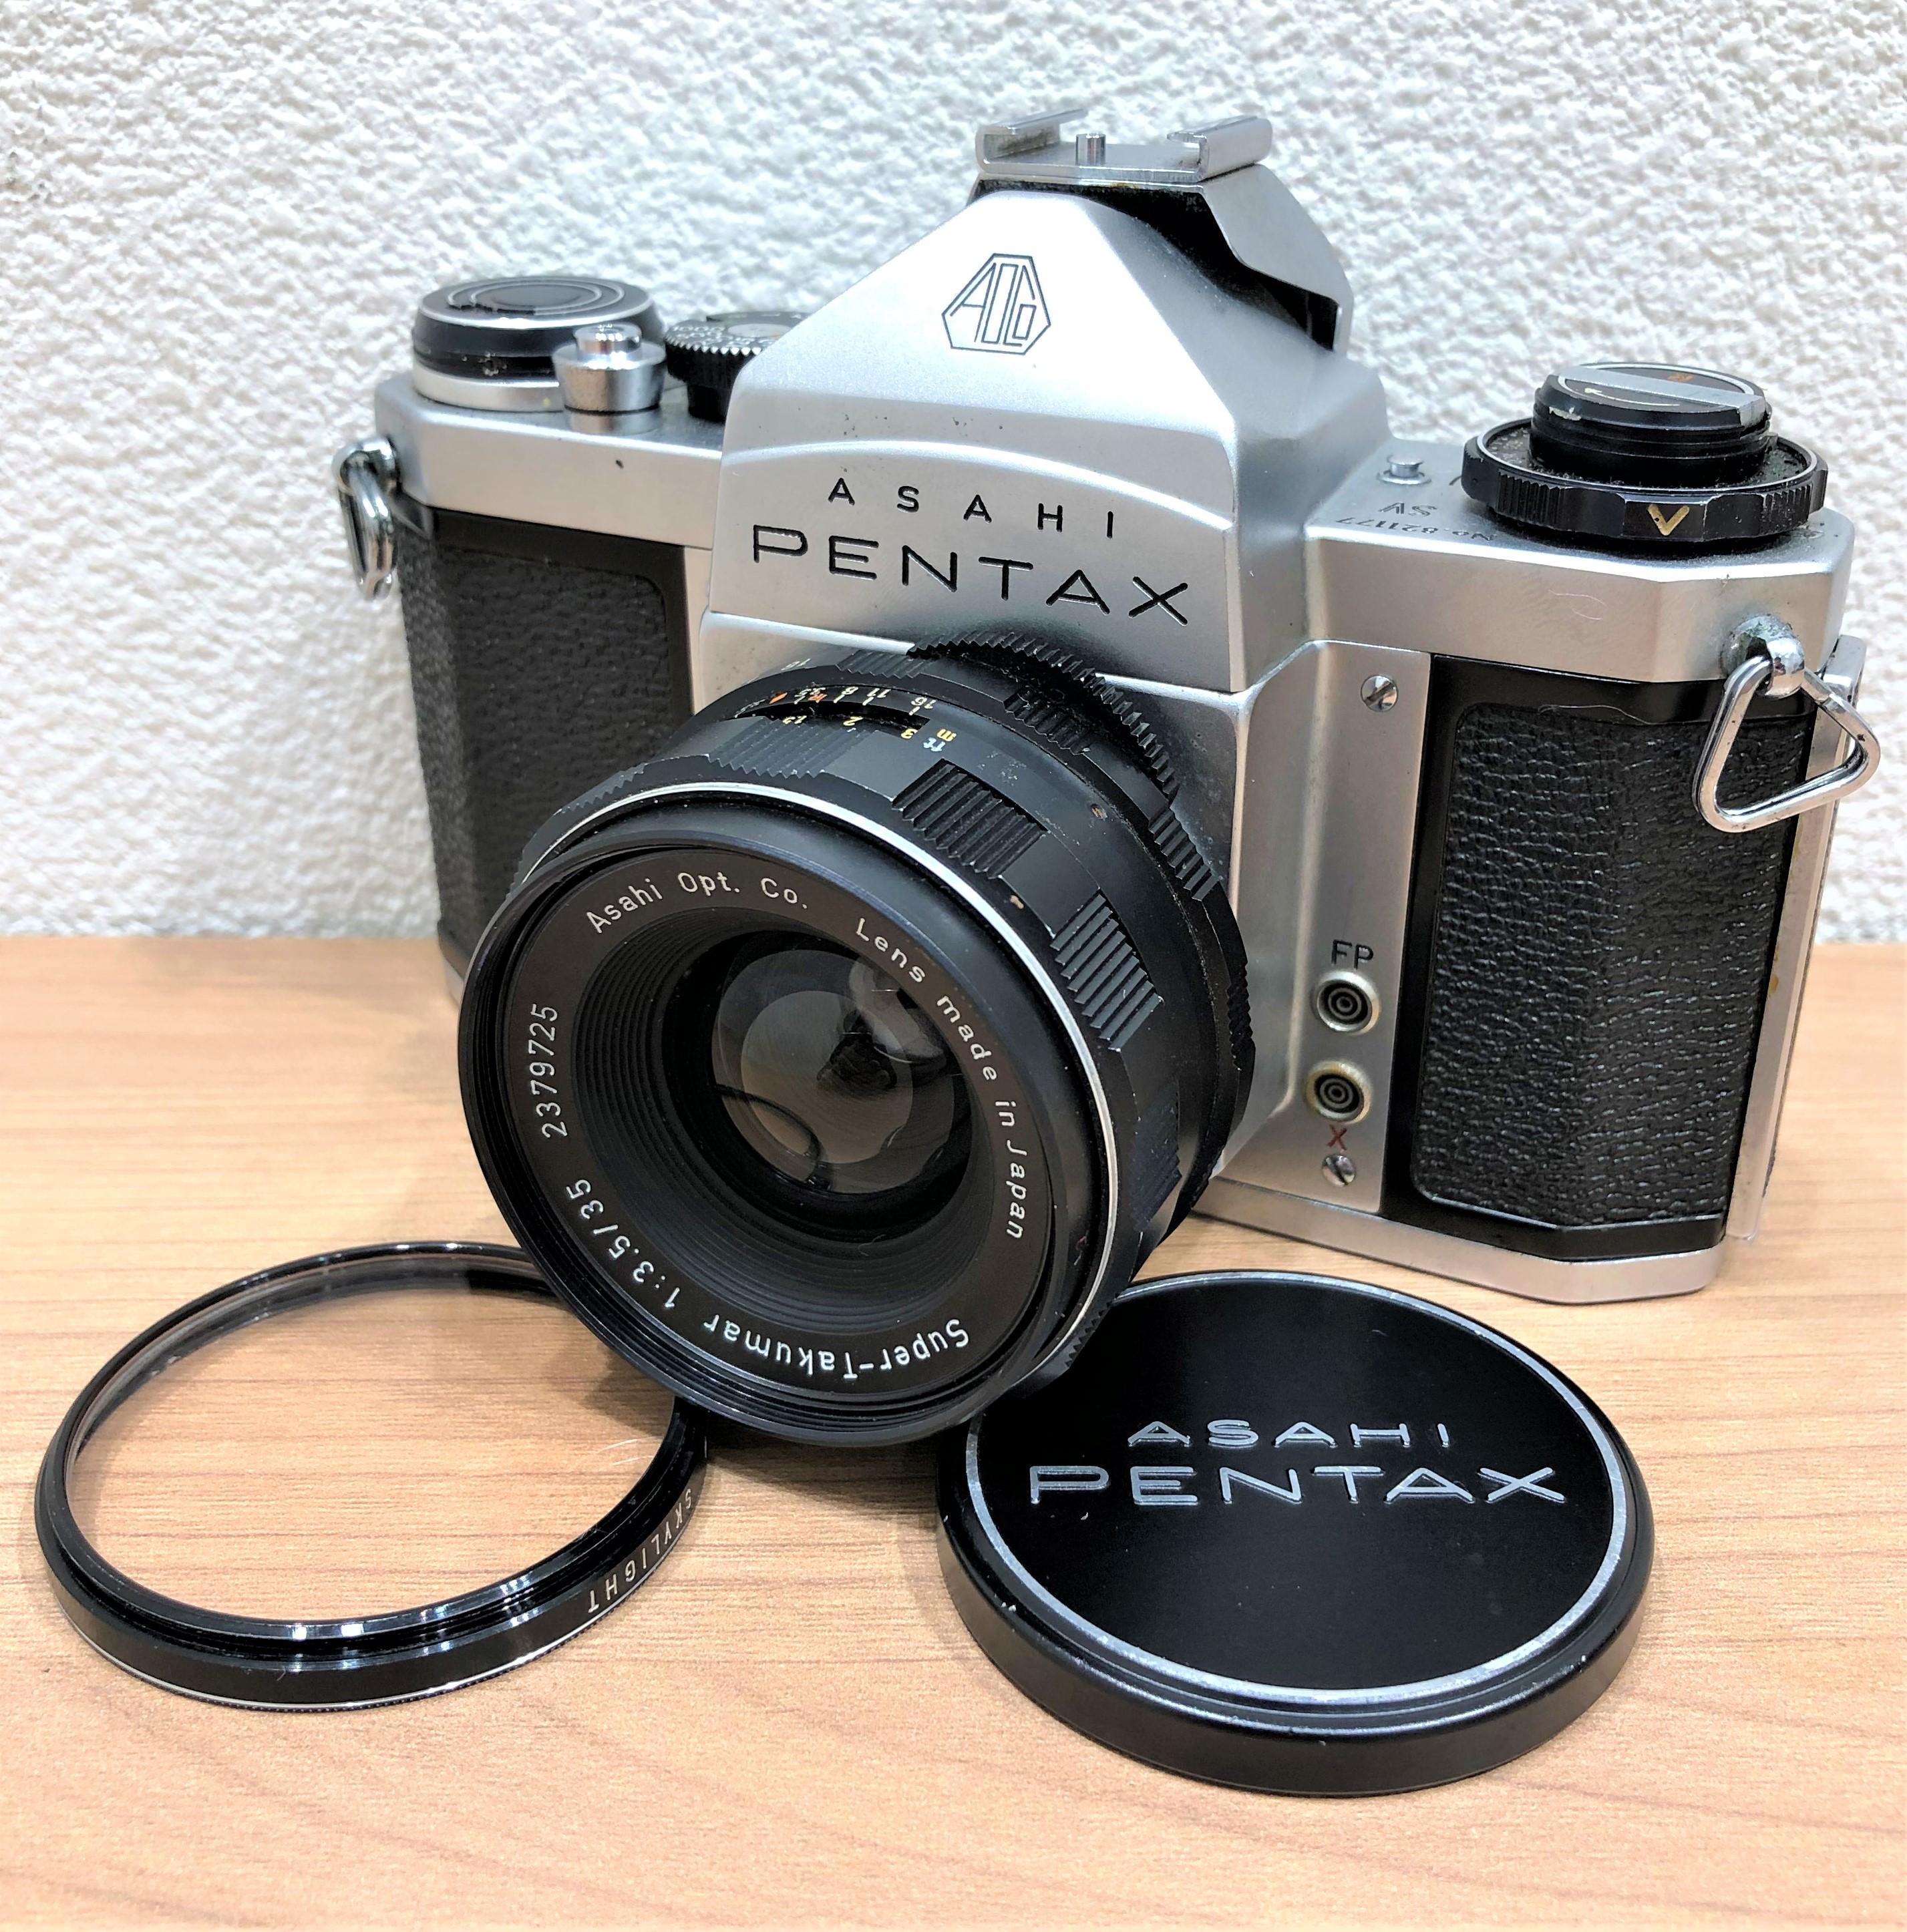 【ASAHI PENTAX/アサヒペンタックス】SV 一眼レフフィルムカメラ